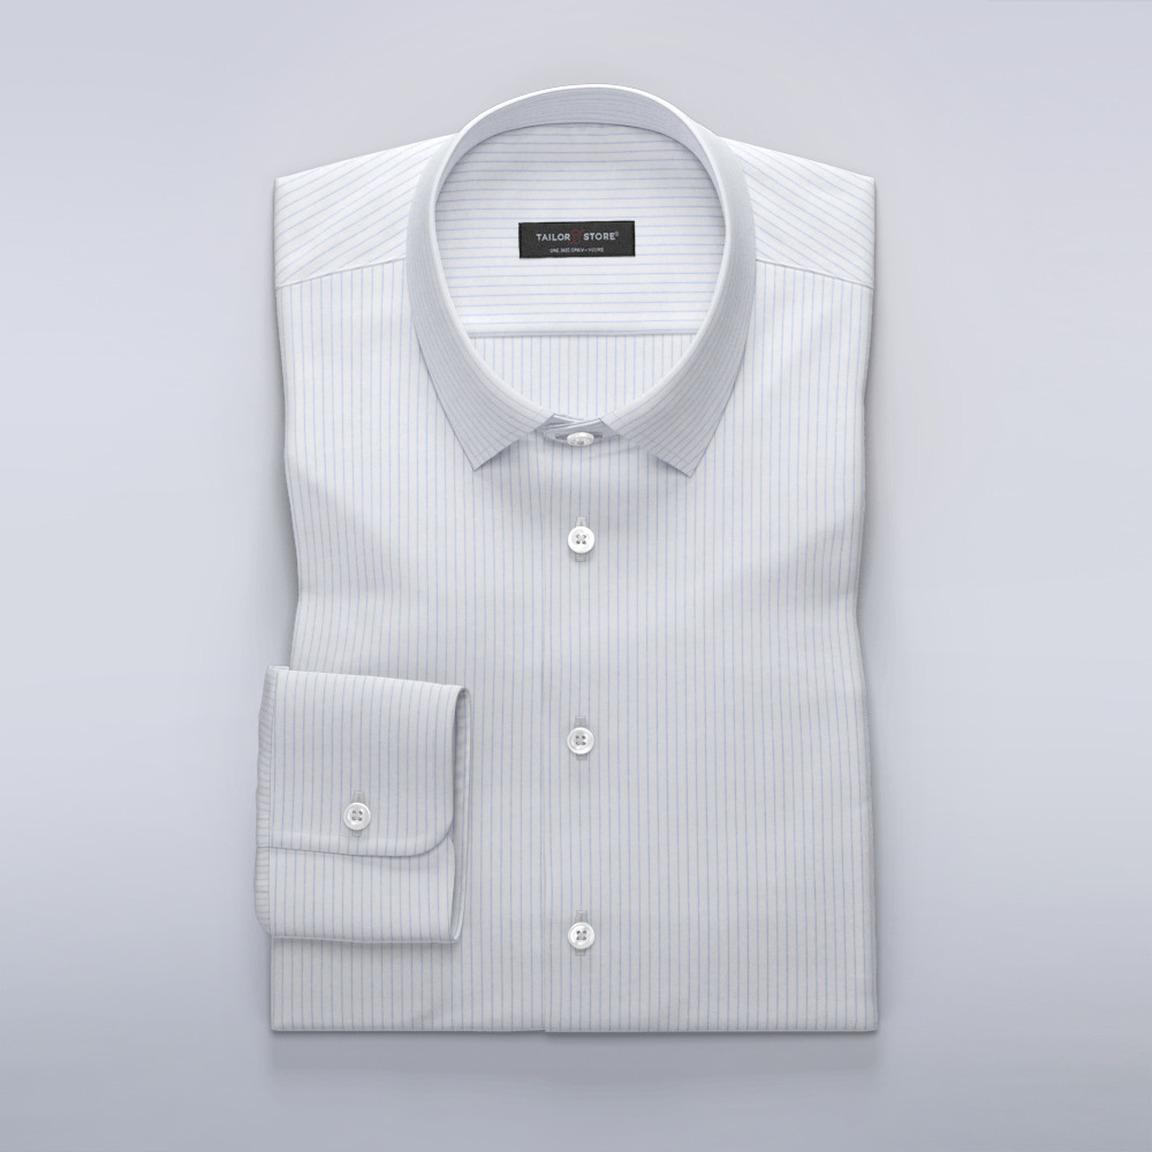 Businesskjorta med smala ljusblå ränder